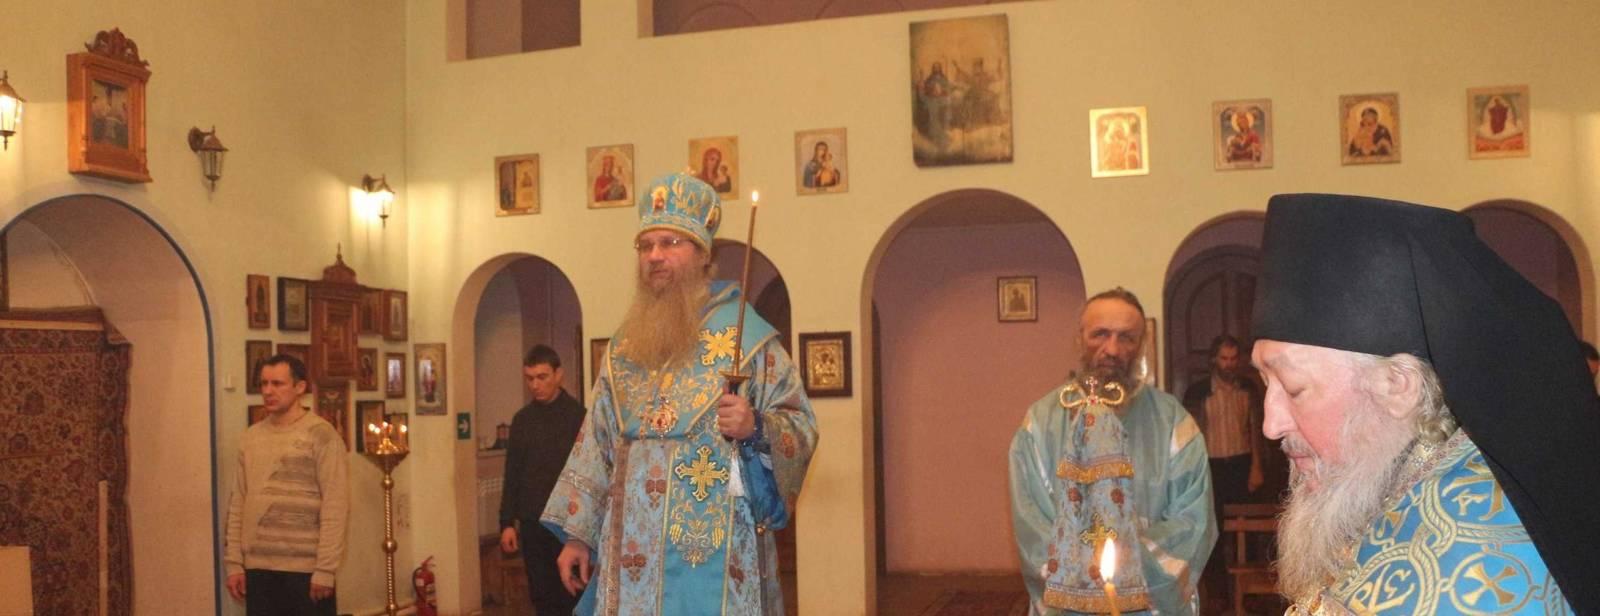 Всенощное бдение в Троицком Каменно-Бродском мужском монастыре с. Каменный Брод.